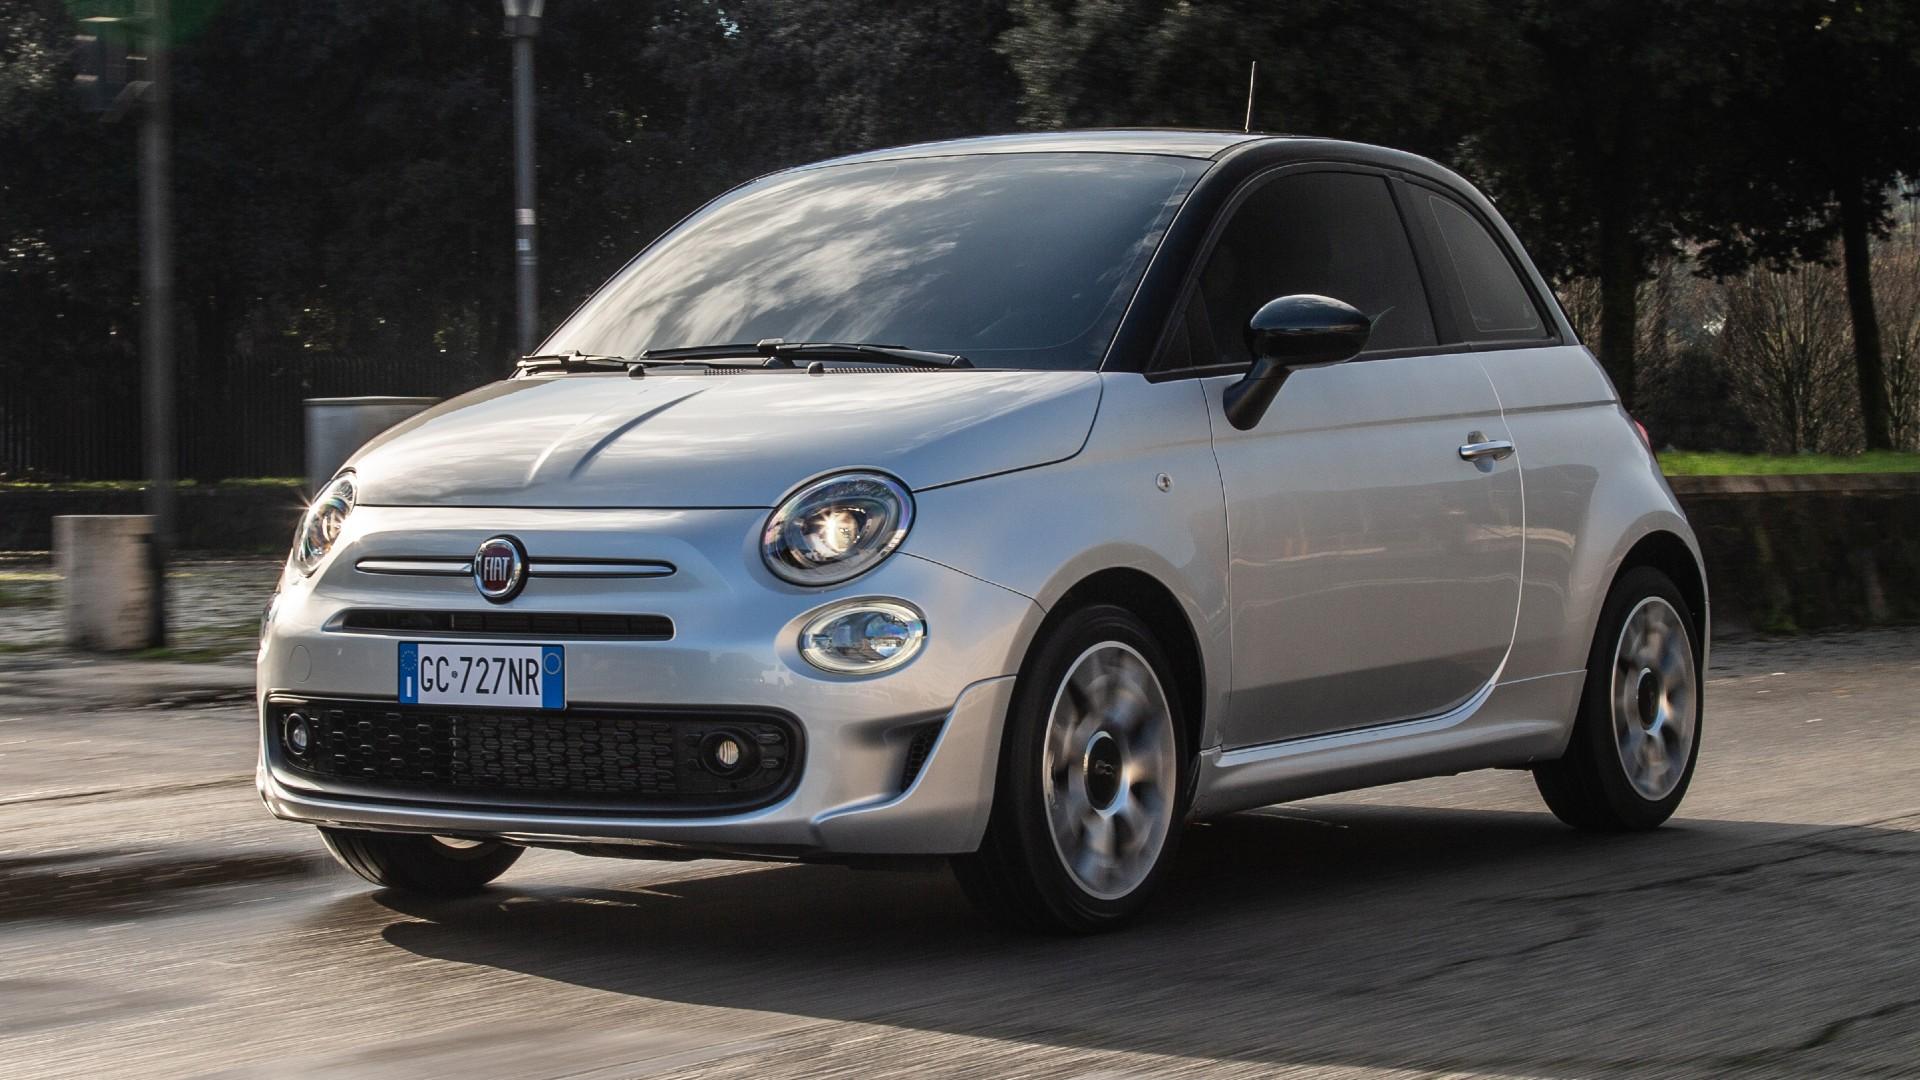 FIAT: Οι τιμές της ανανεωμένης γκάμας του 500 στην Ελλάδα